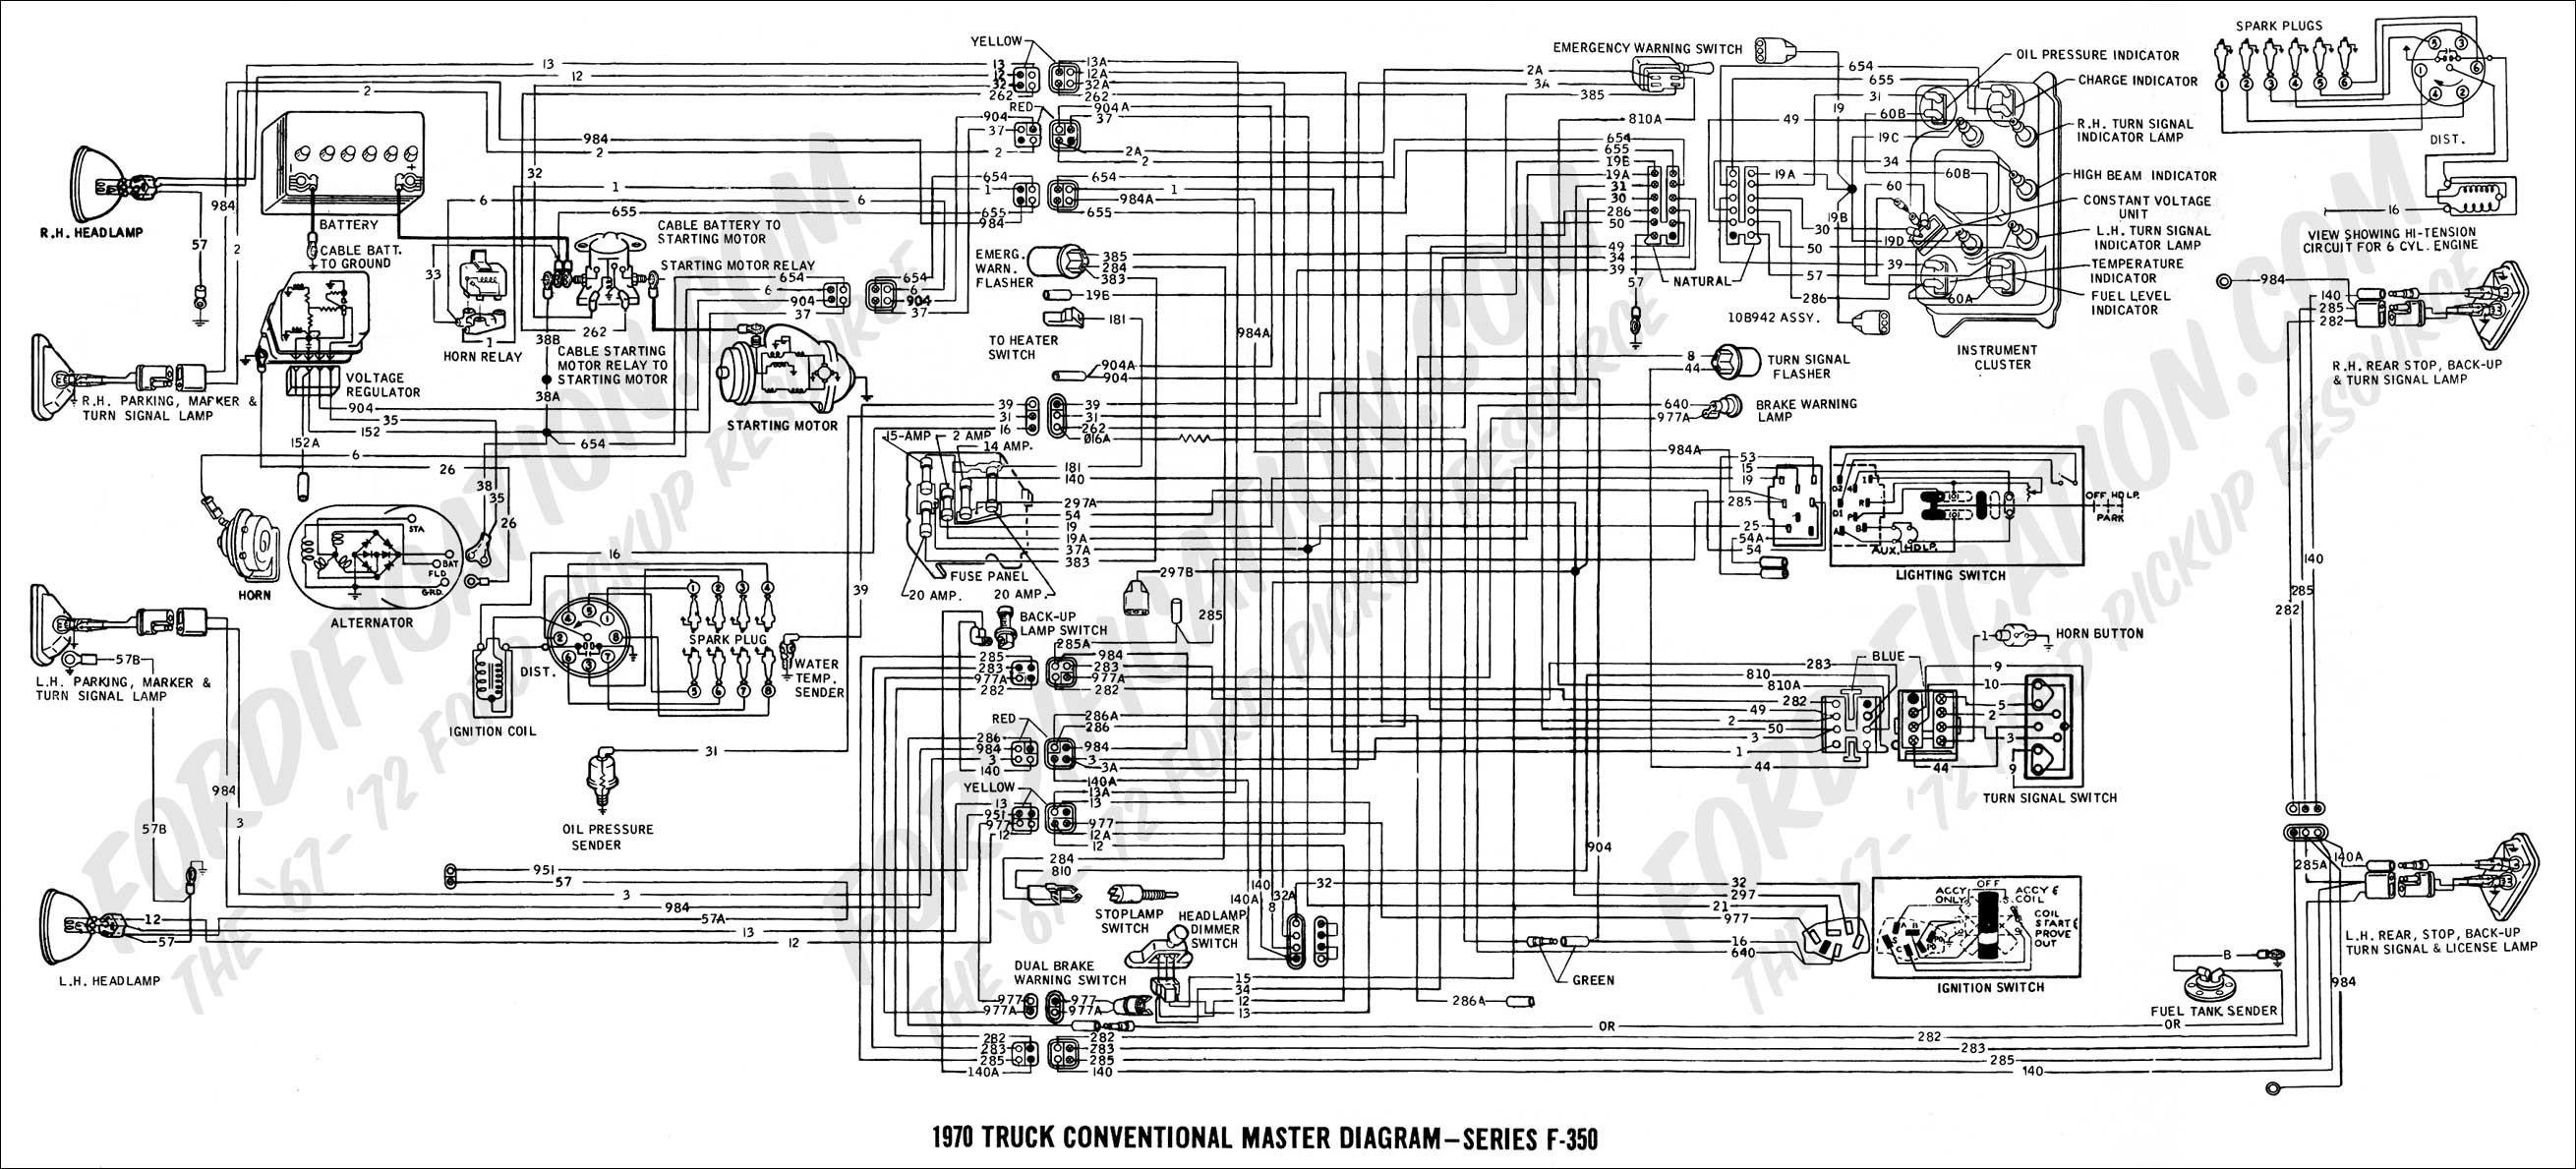 2004 ford Ranger Engine Diagram ford Ranger Engine Diagram Of 2004 ford Ranger Engine Diagram